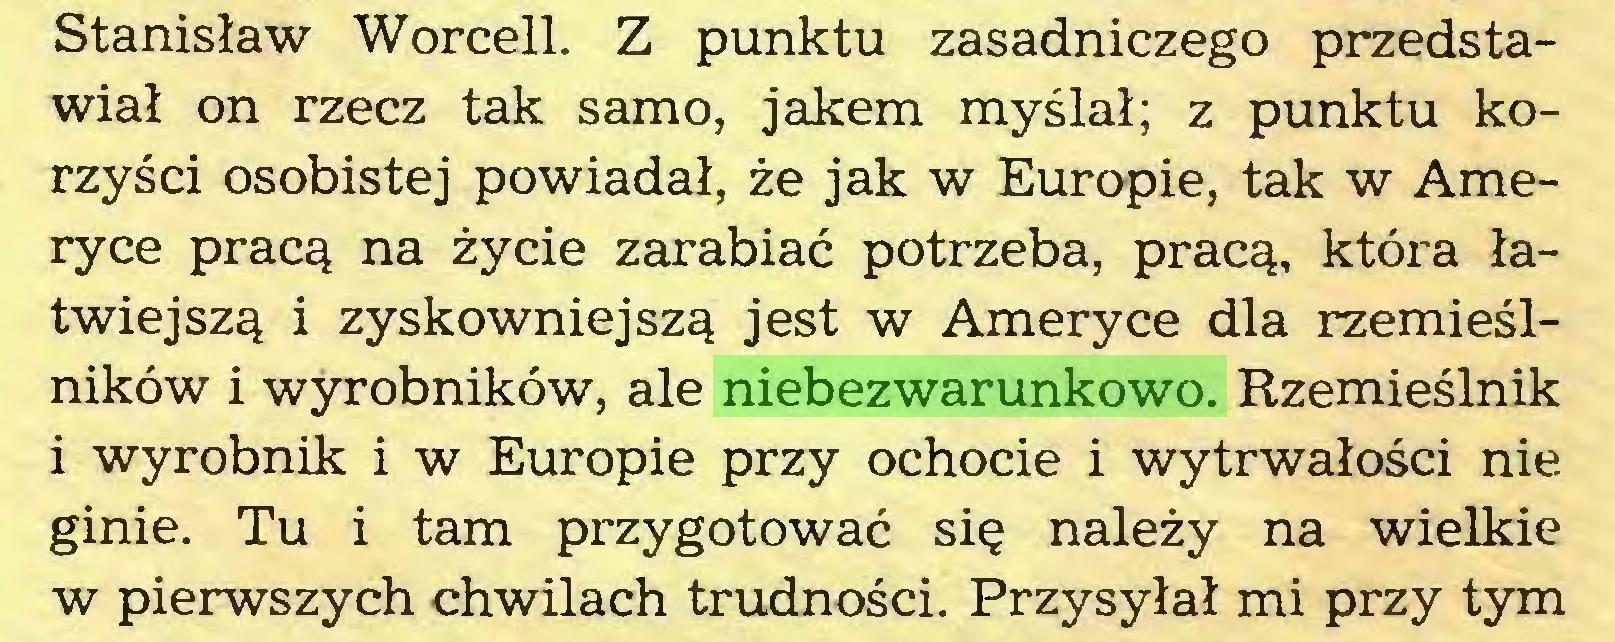 (...) Stanisław Worcell. Z punktu zasadniczego przedstawiał on rzecz tak samo, jakem myślał; z punktu korzyści osobistej powiadał, że jak w Europie, tak w Ameryce pracą na życie zarabiać potrzeba, pracą, która łatwiejszą i zyskowniejszą jest w Ameryce dla rzemieślników i wyrobników, ale niebezwarunkowo. Rzemieślnik i wyrobnik i w Europie przy ochocie i wytrwałości nie ginie. Tu i tam przygotować się należy na wielkie w pierwszych chwilach trudności. Przysyłał mi przy tym...